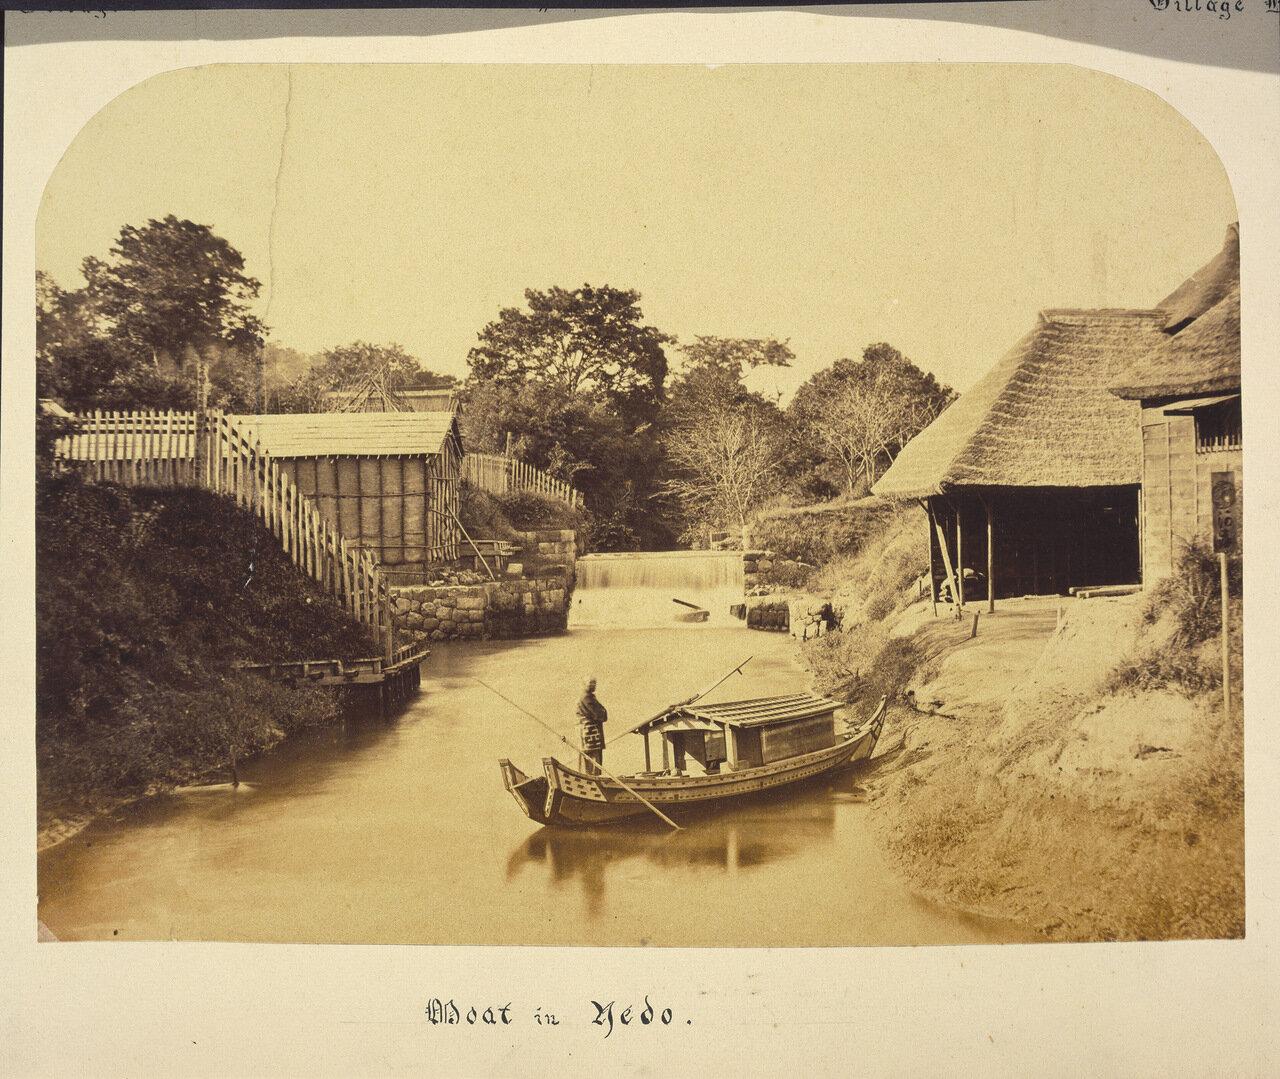 Лодка в Эдо